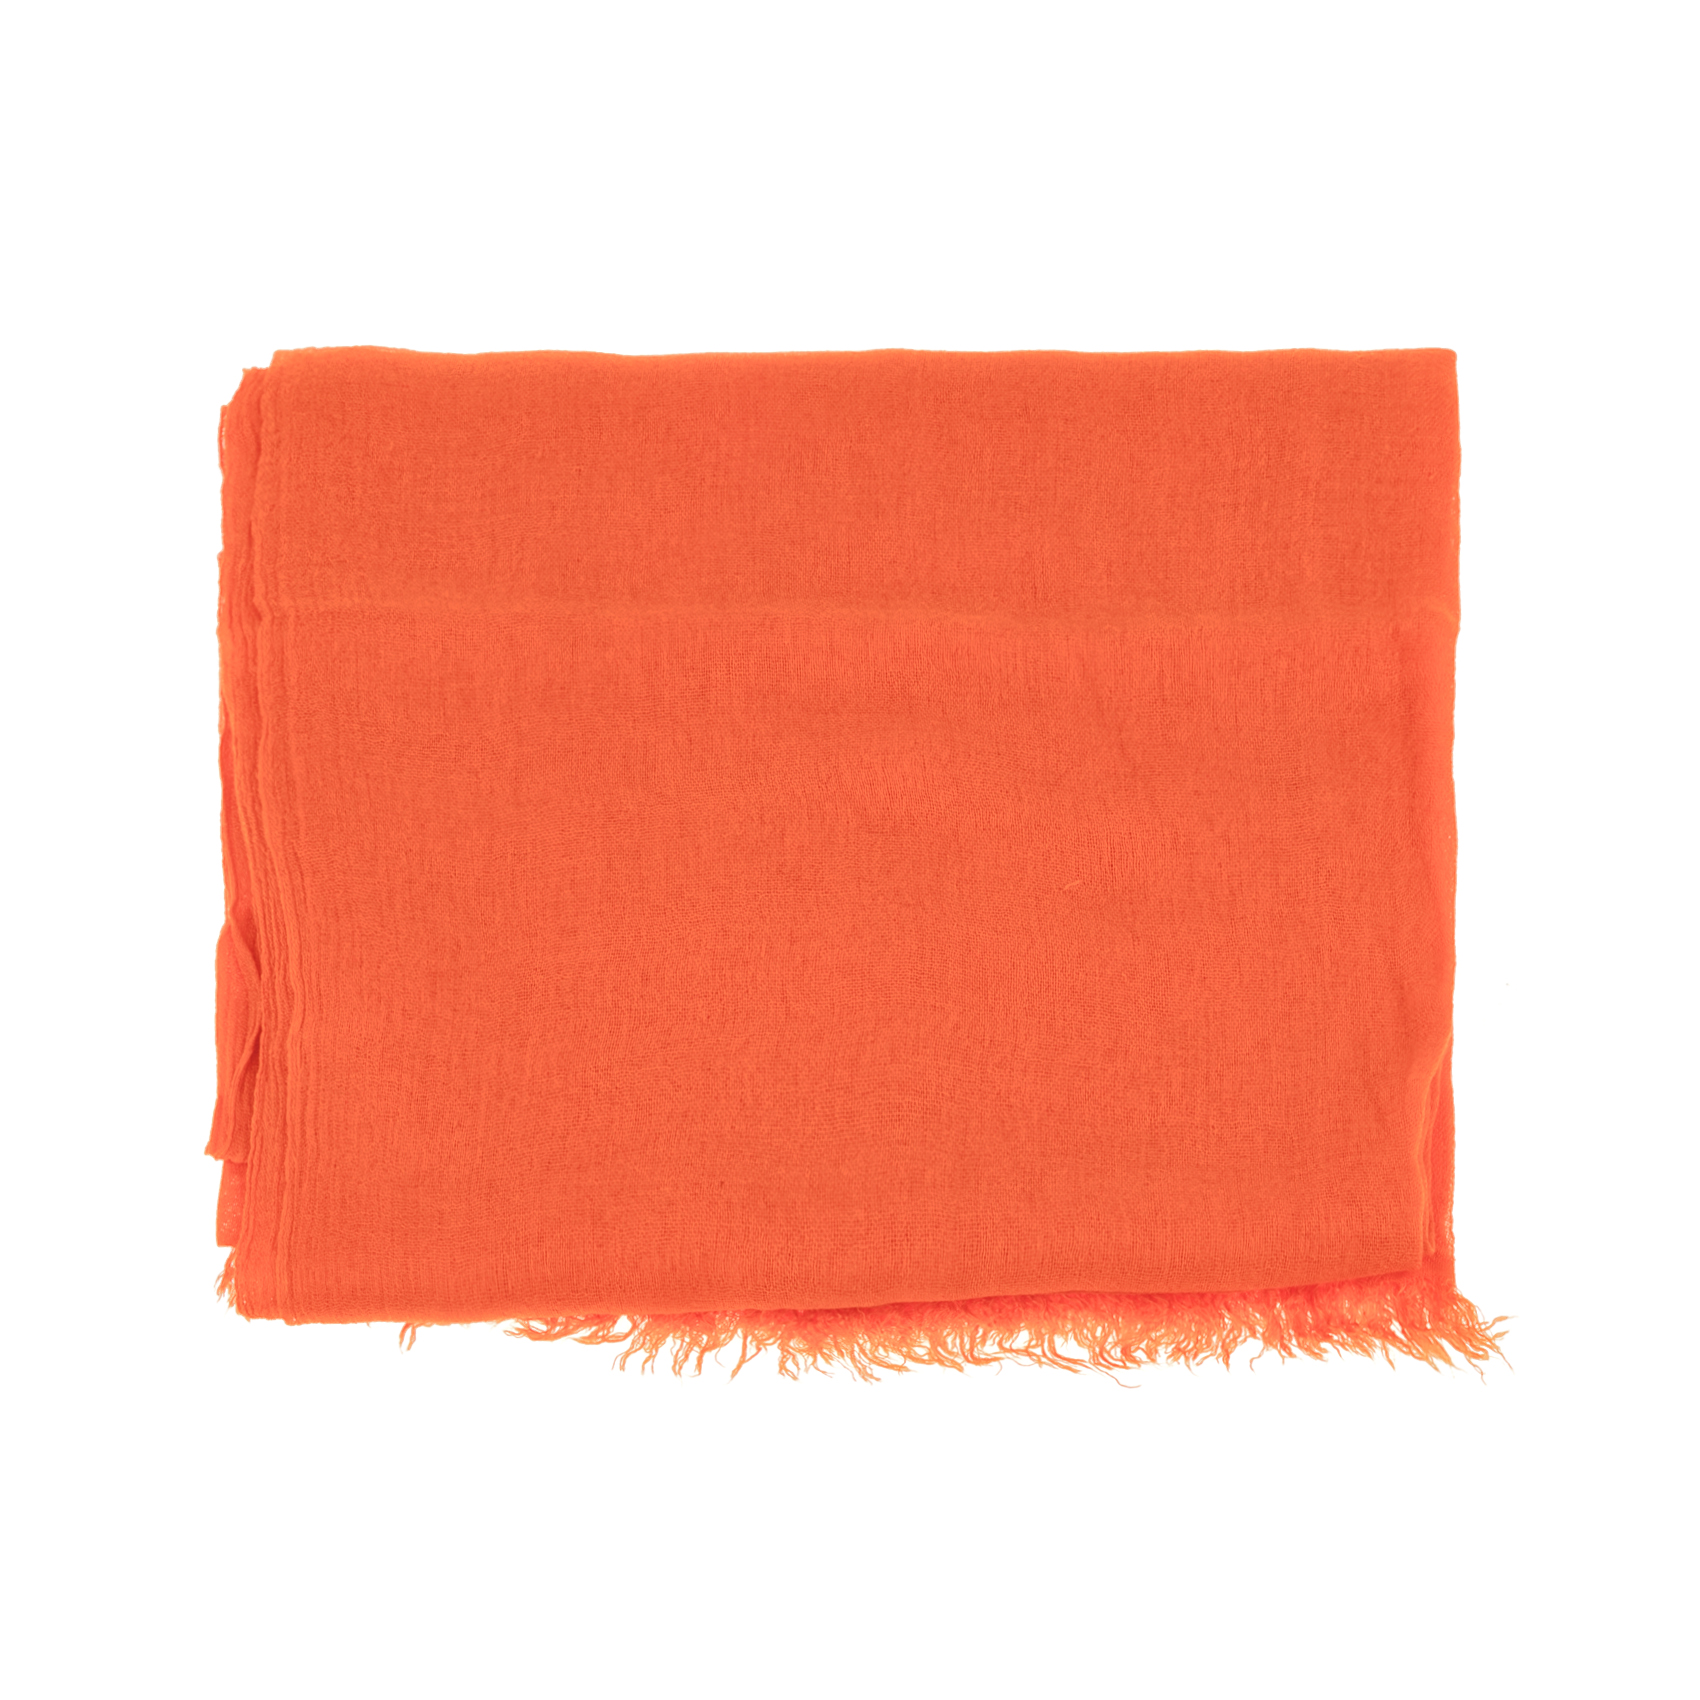 AMERICAN VINTAGE - Γυναικεία εσάρπα AMERICAN VINTAGE πορτοκαλί γυναικεία αξεσουάρ φουλάρια κασκόλ γάντια